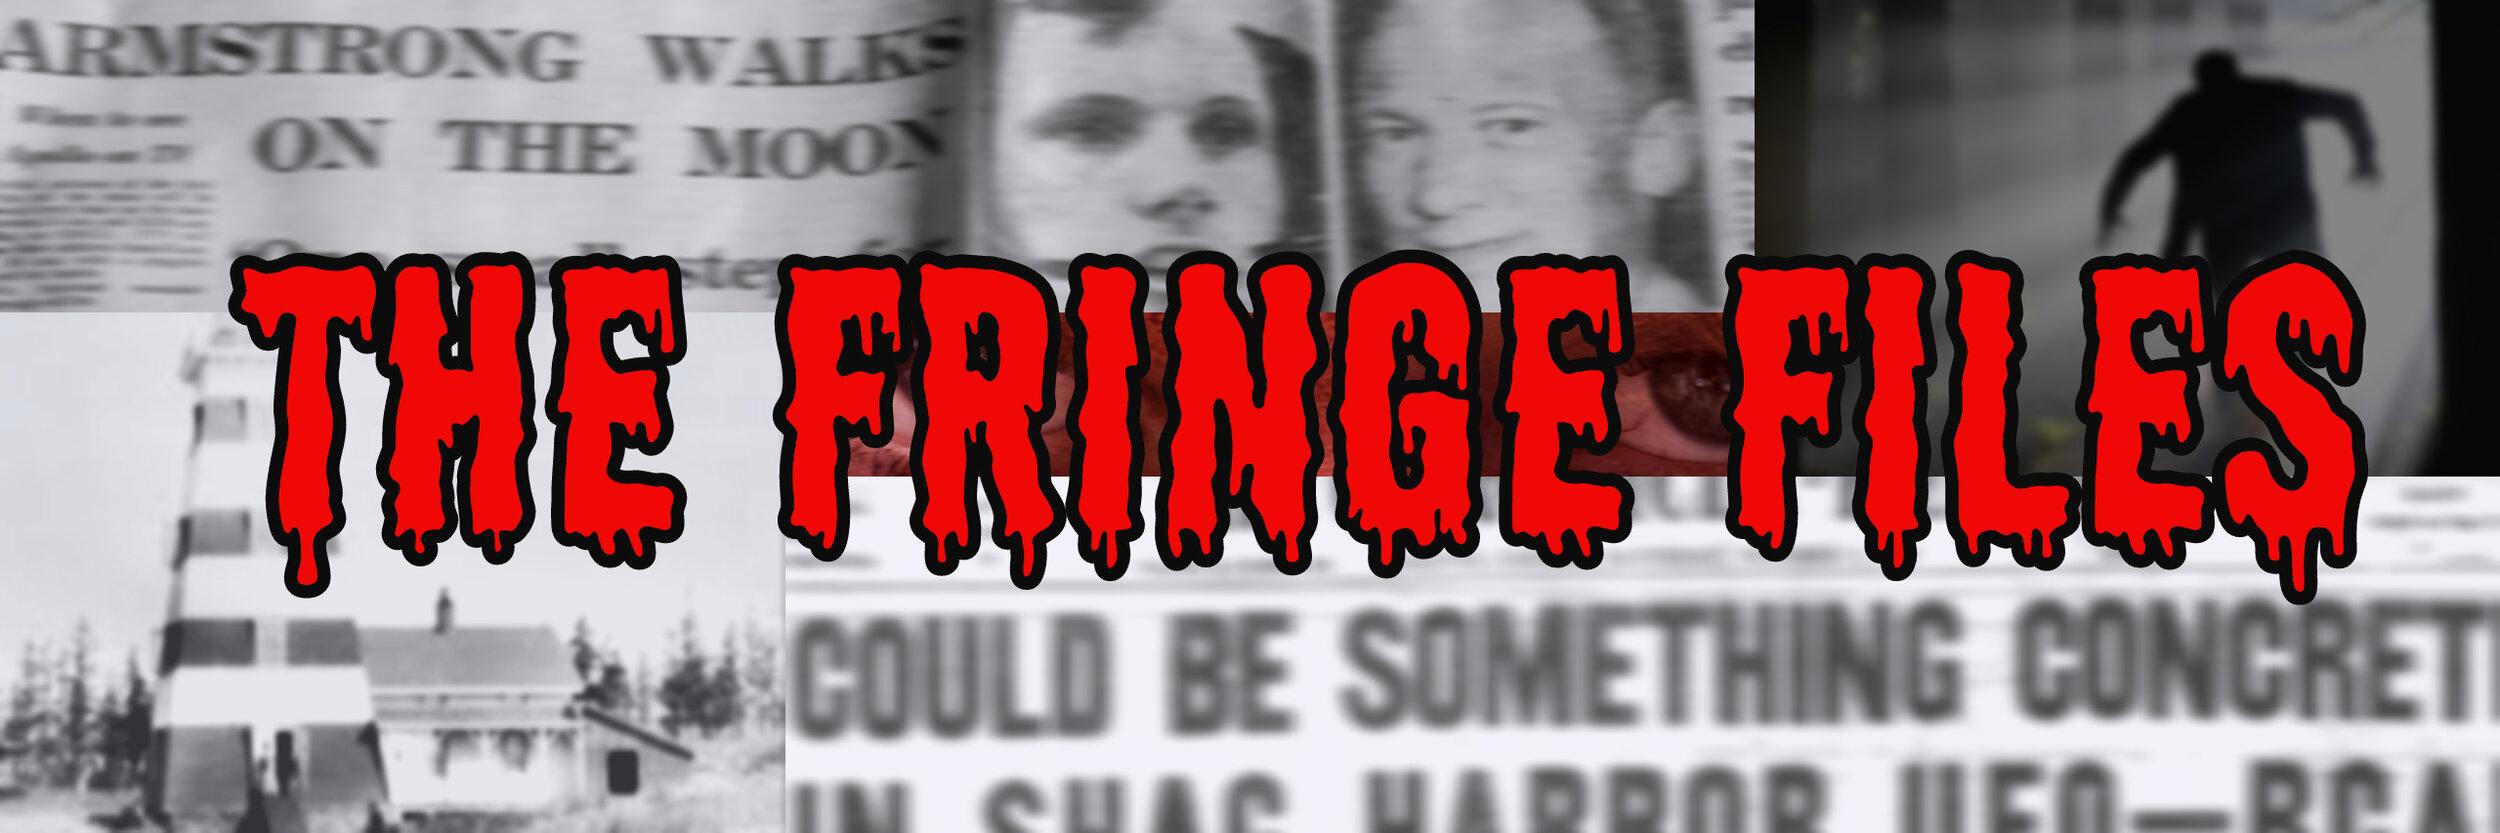 FringeFilesBannerBlog.jpg